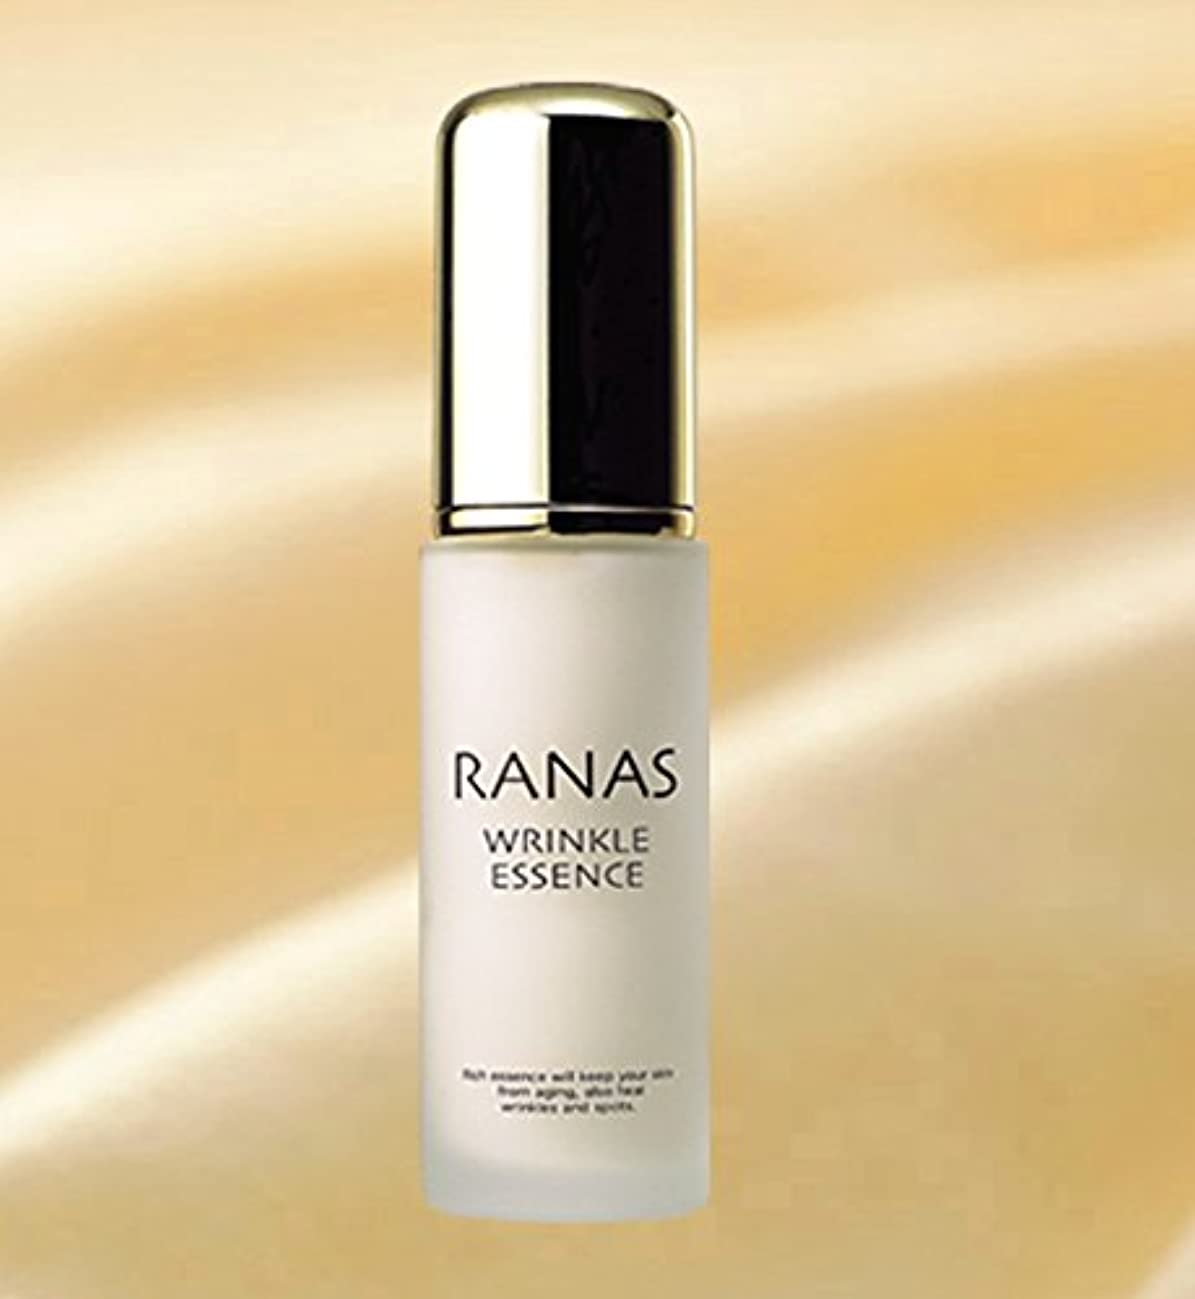 警告家庭教師あそこラナス スペシャル リンクルエッセンス (30ml) Ranas Special Wrinkle Essence (Beauty Essence)